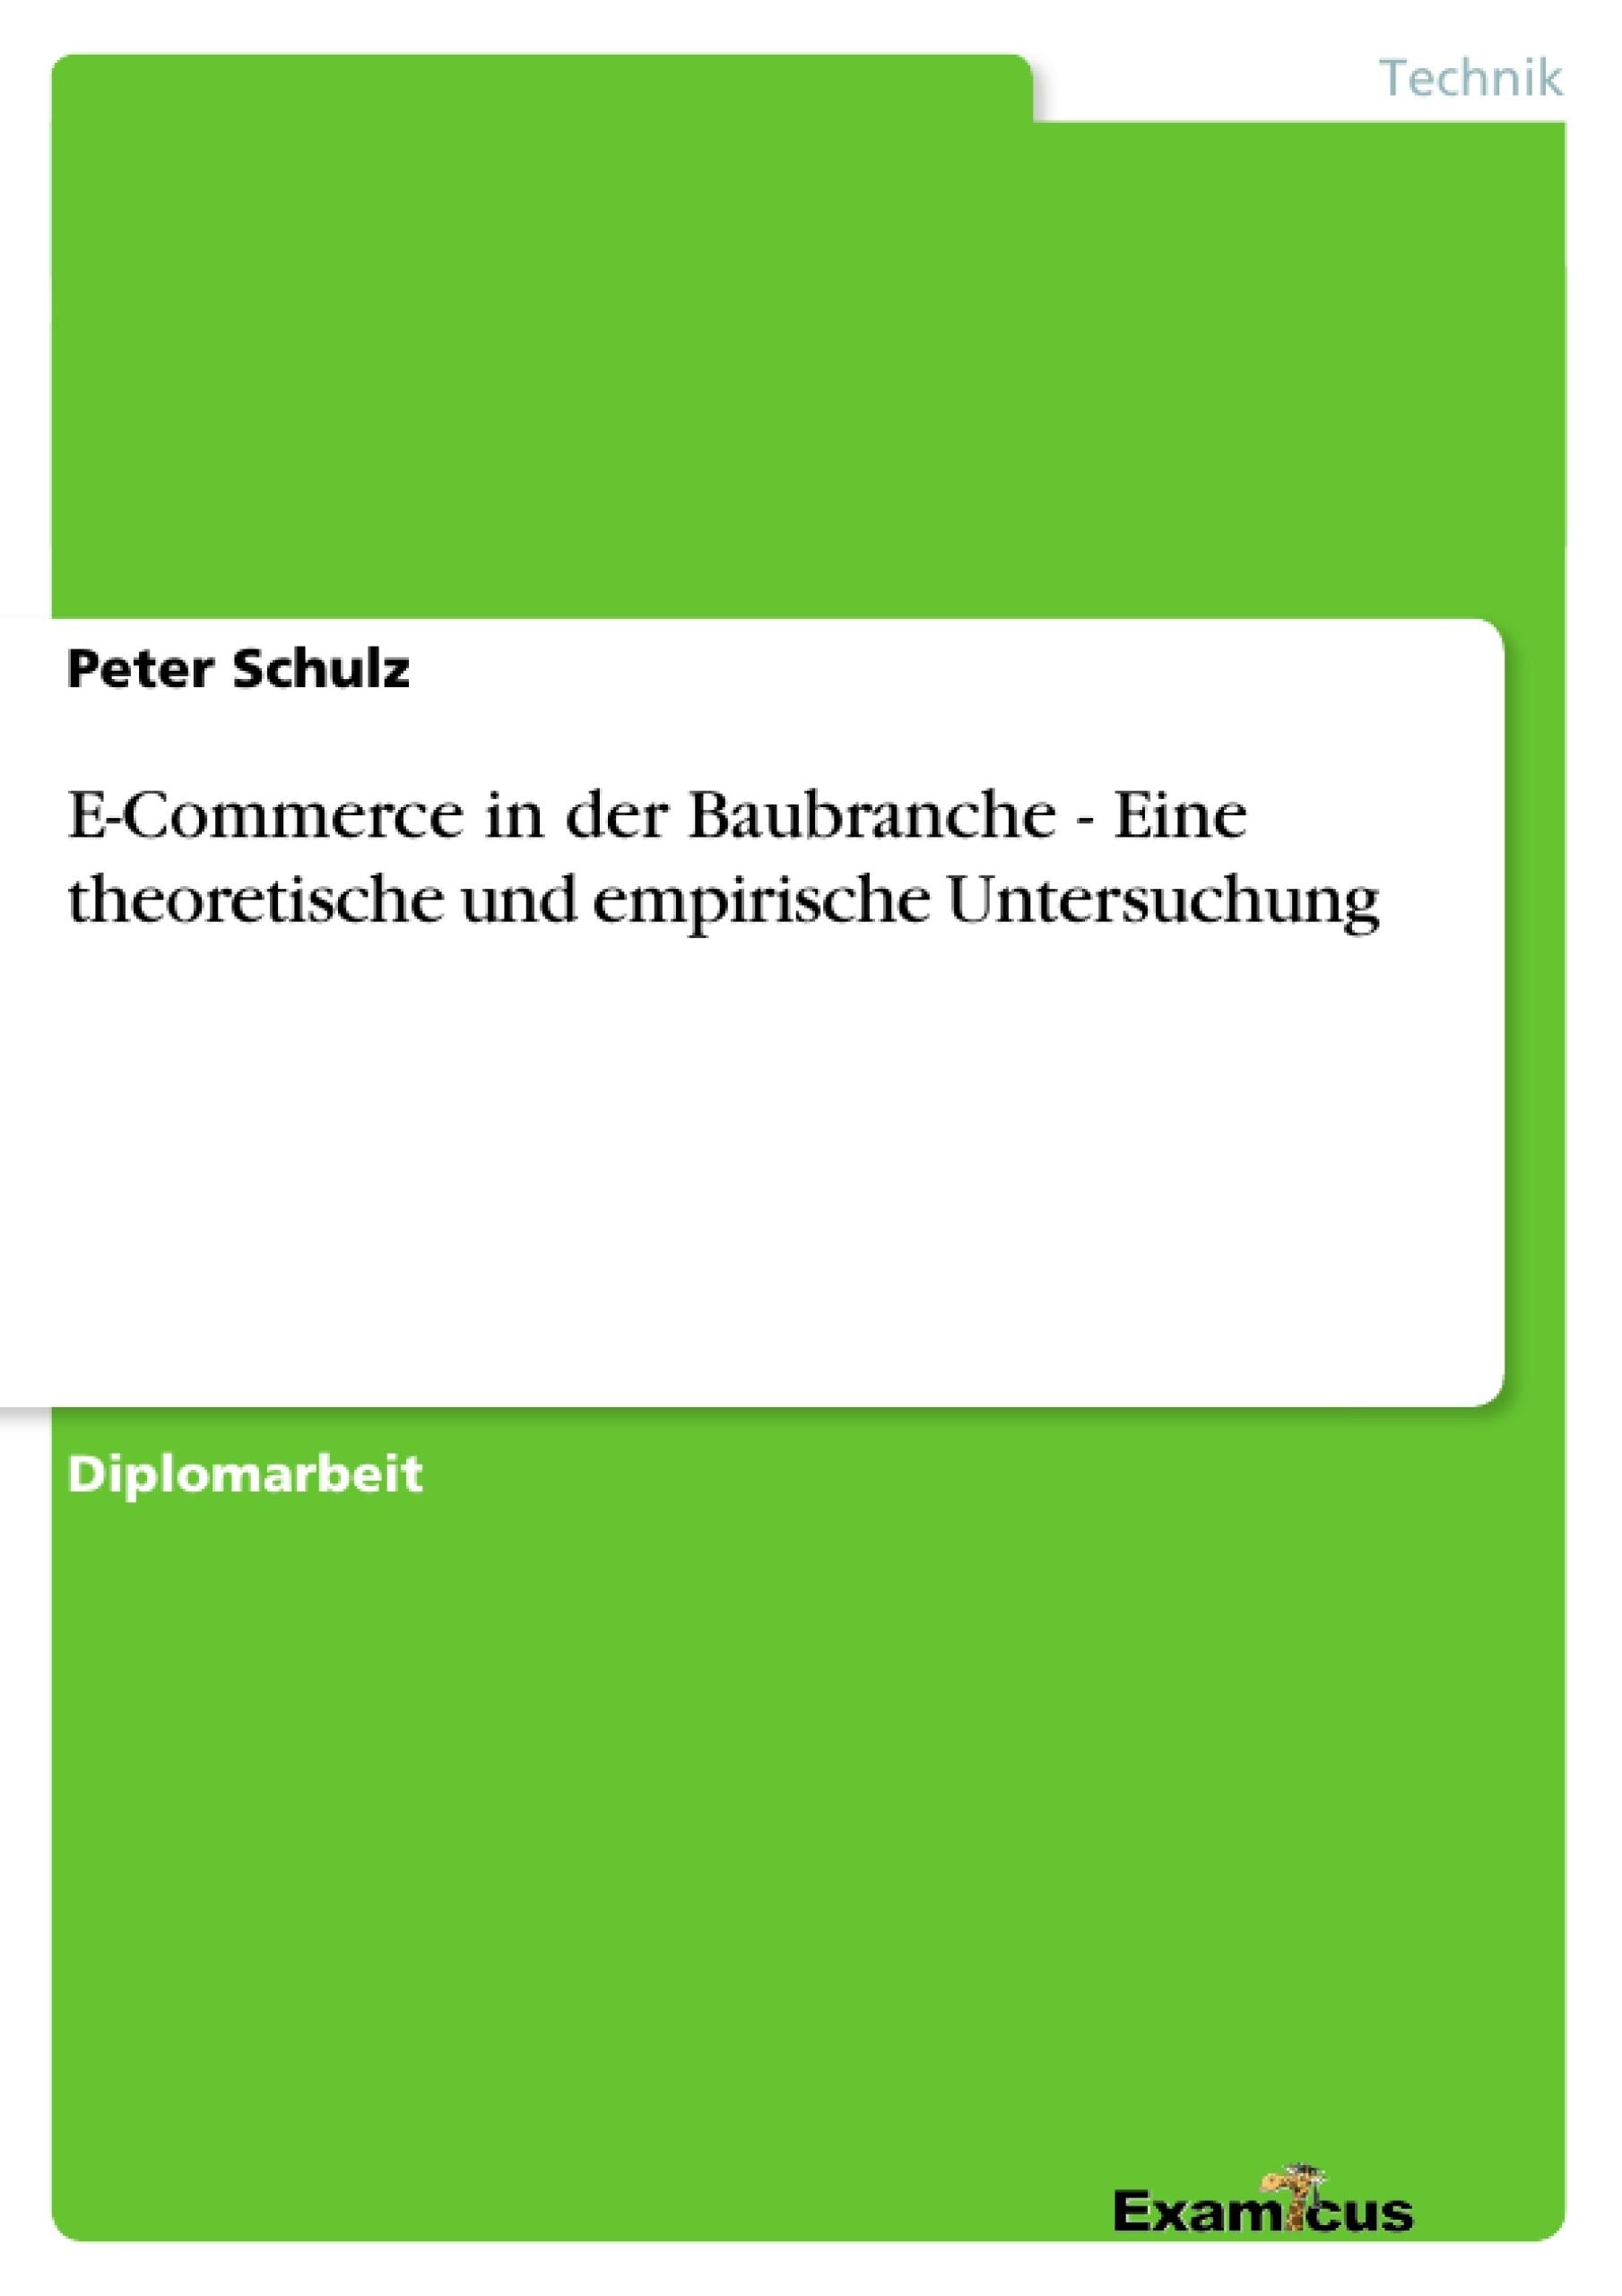 Titel: E-Commerce in der Baubranche - Eine theoretische und empirische Untersuchung